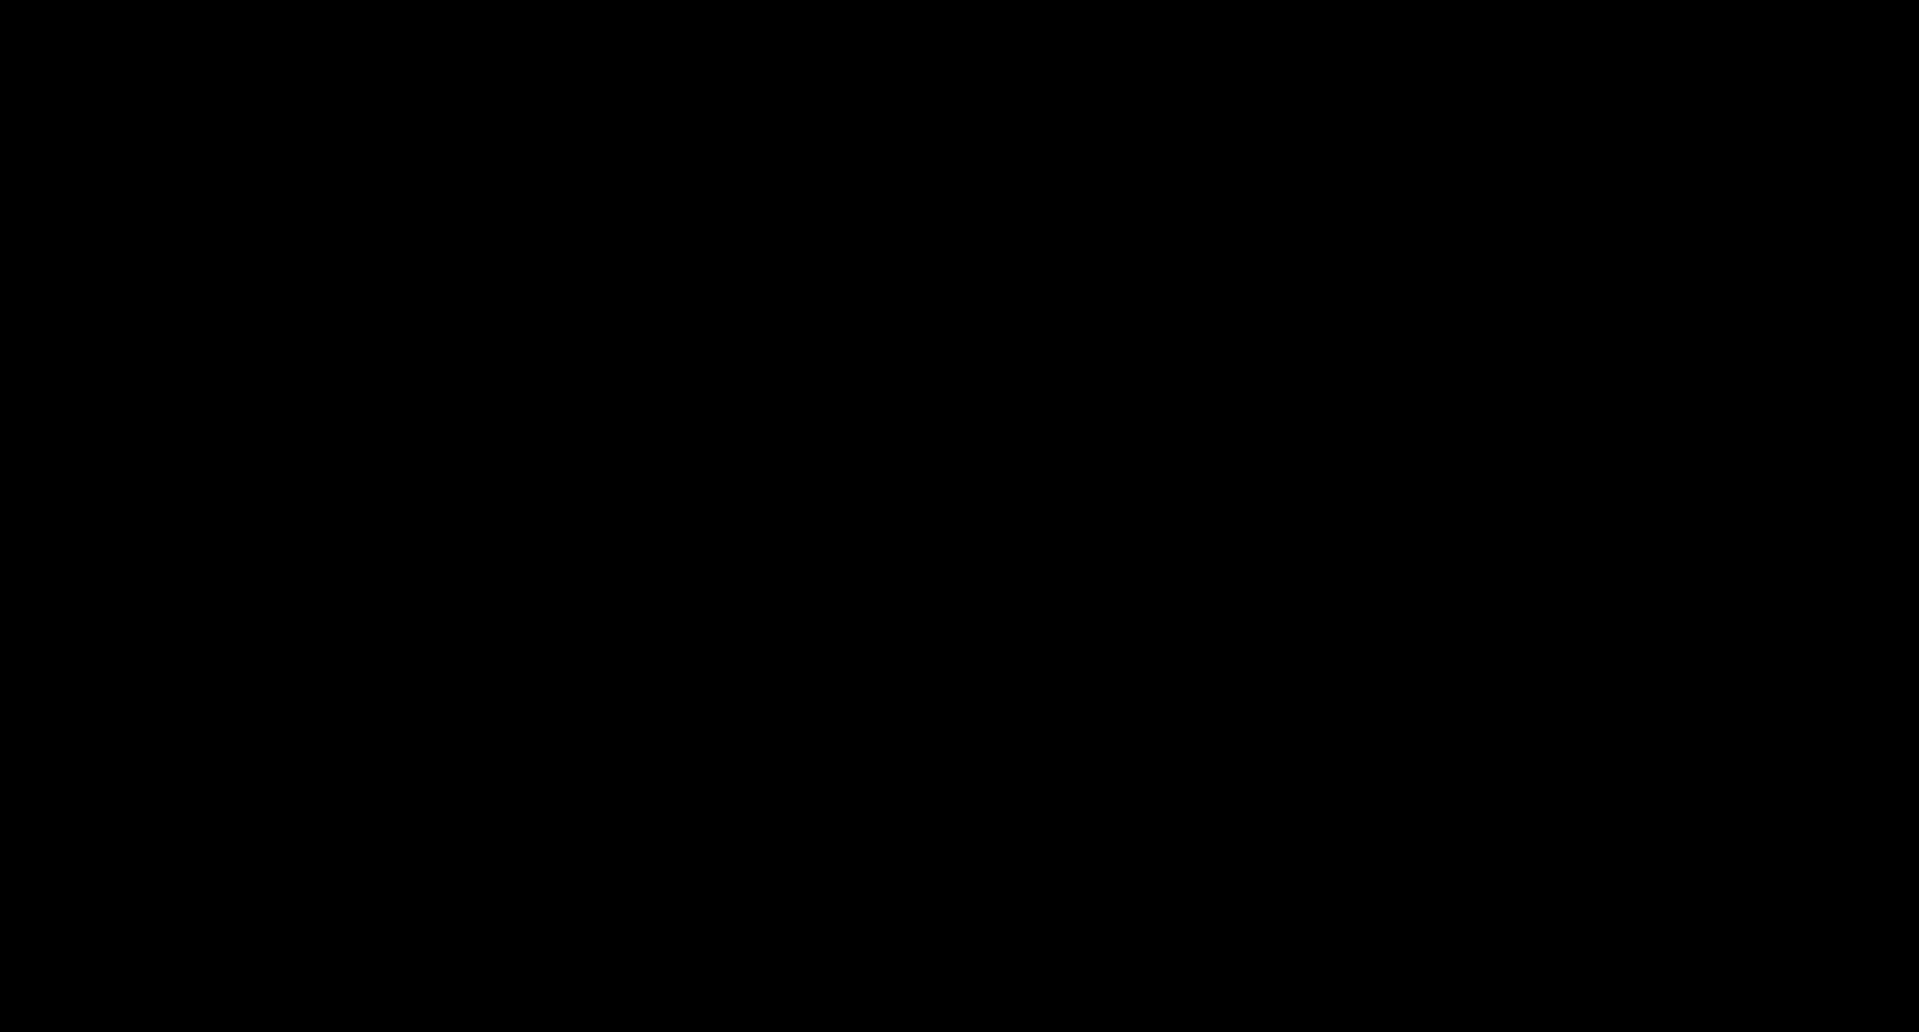 sobre-bg-01